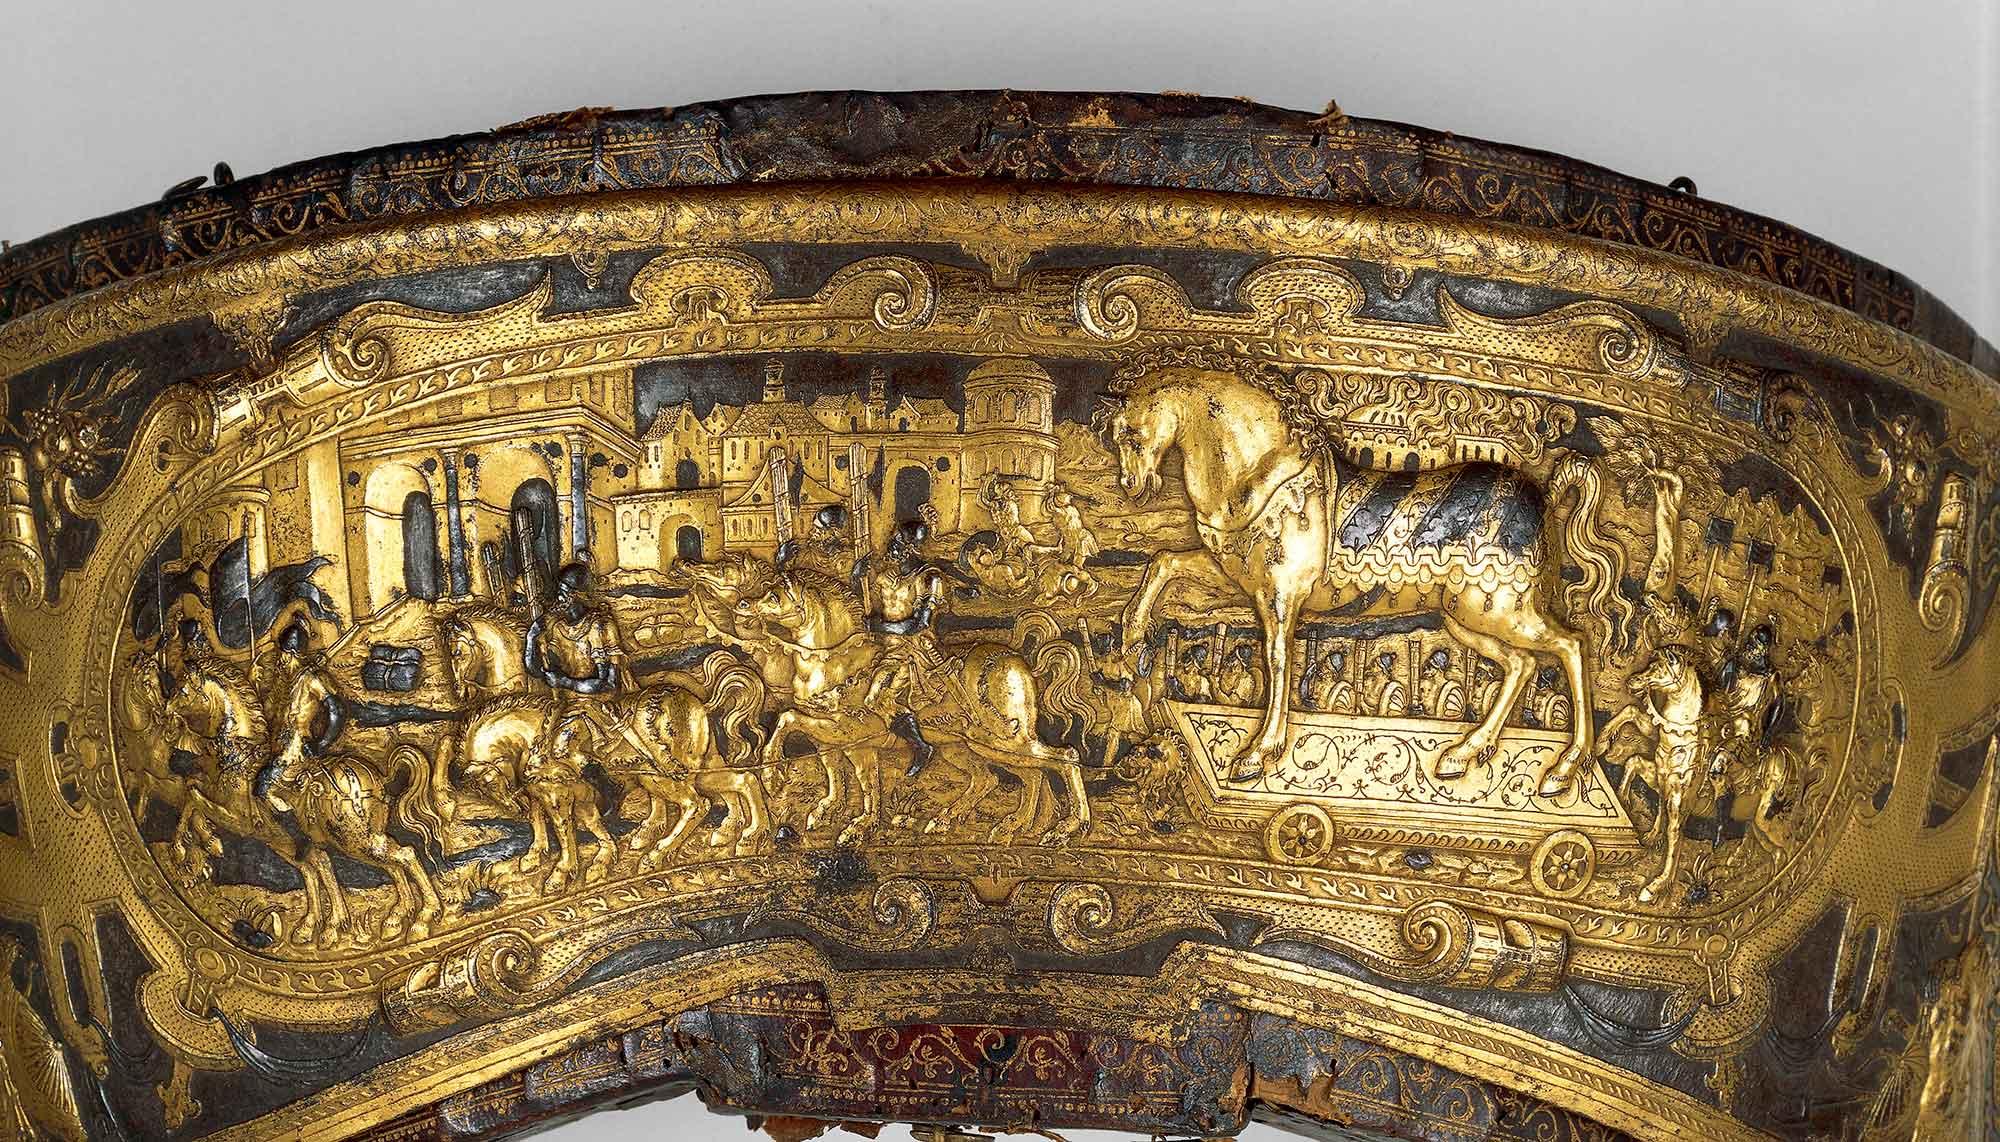 Războiul troian descris în cele mai frumoase opere de artă